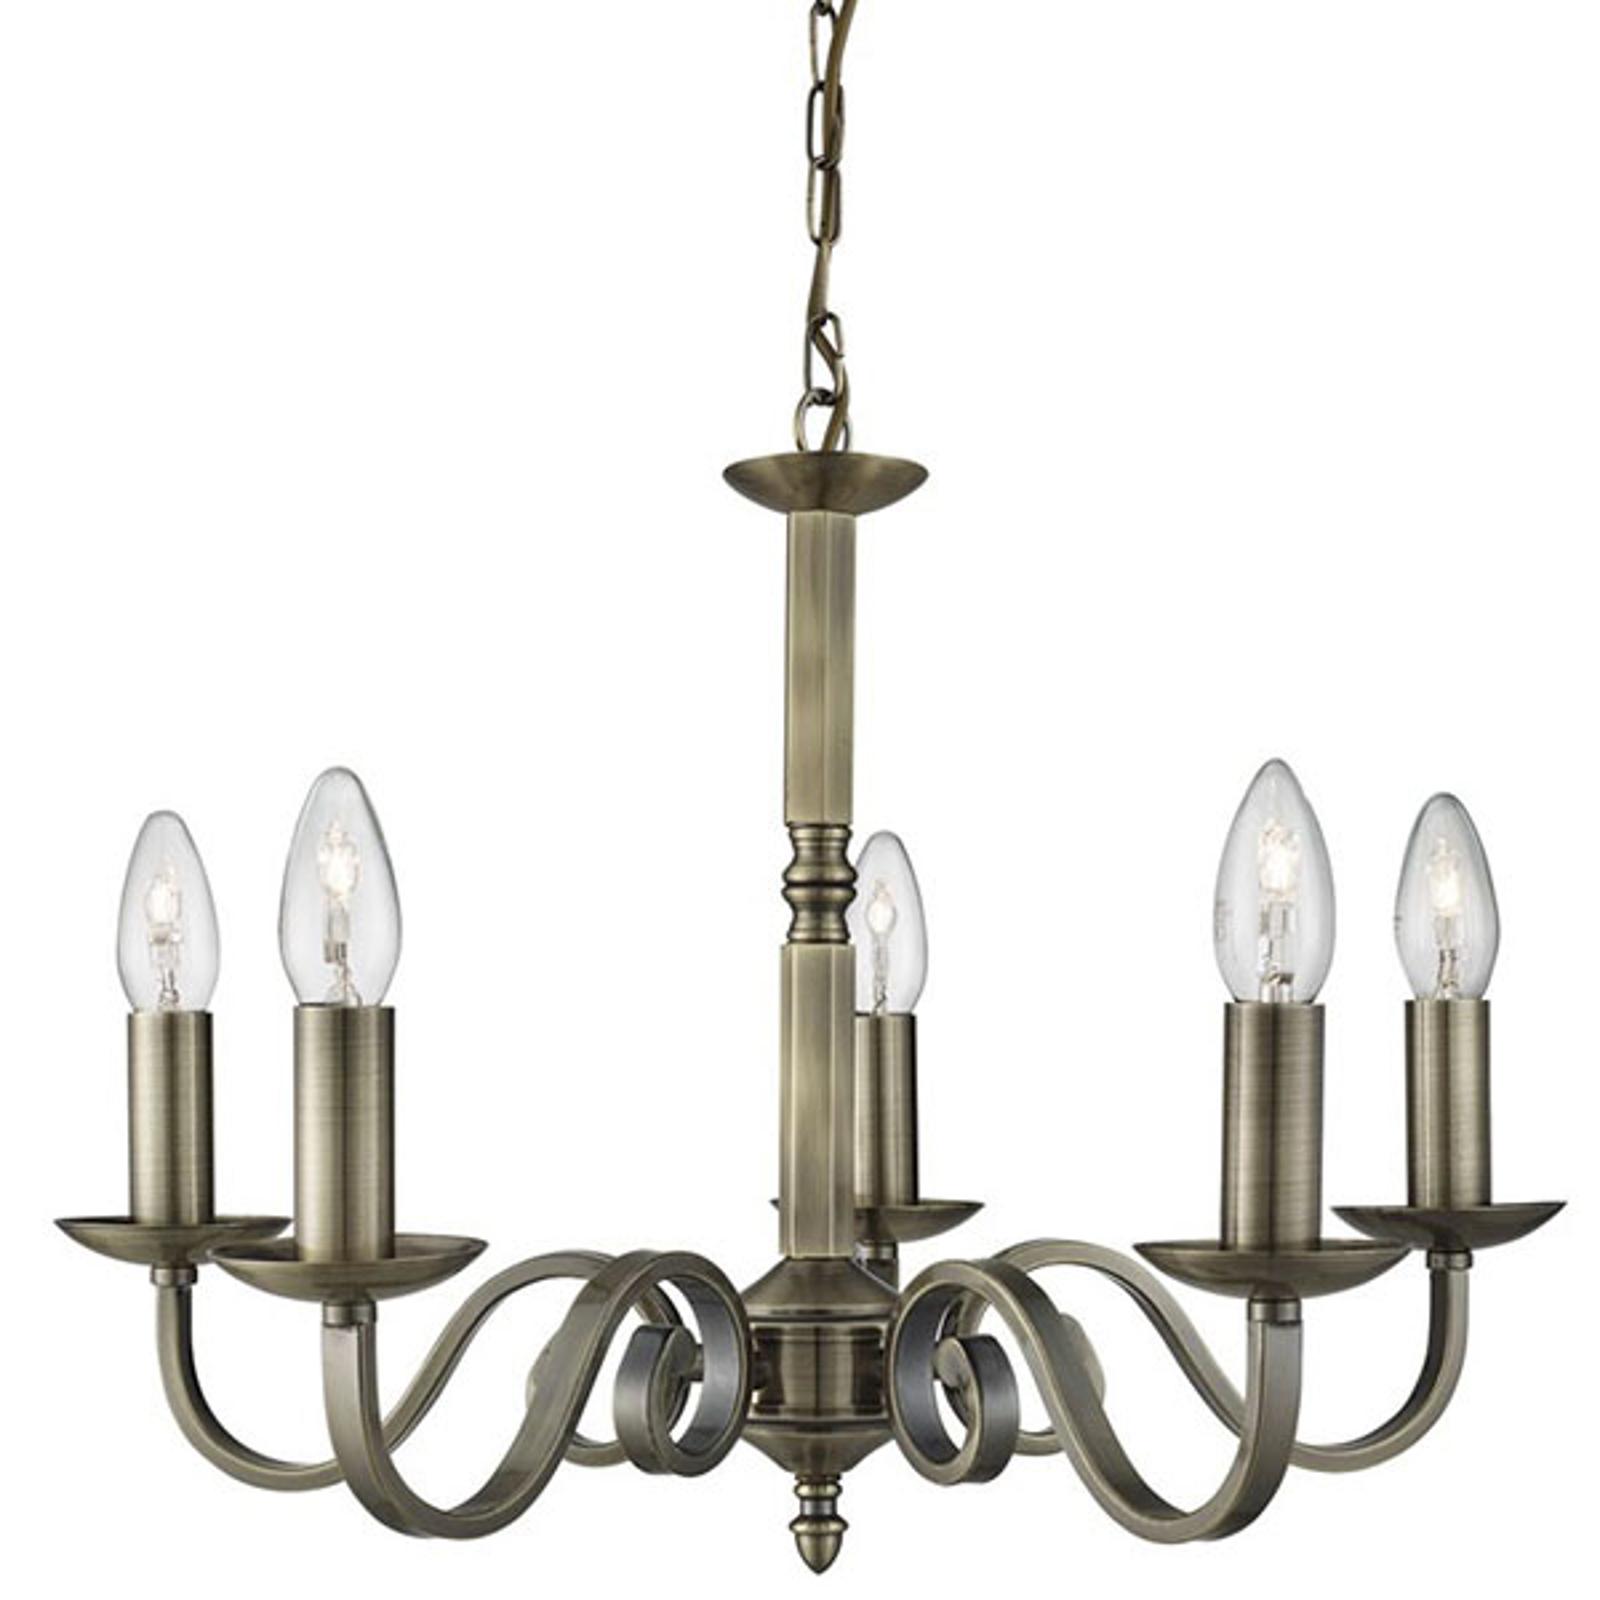 Lampadario Richmond ottone anticato, 5 luci